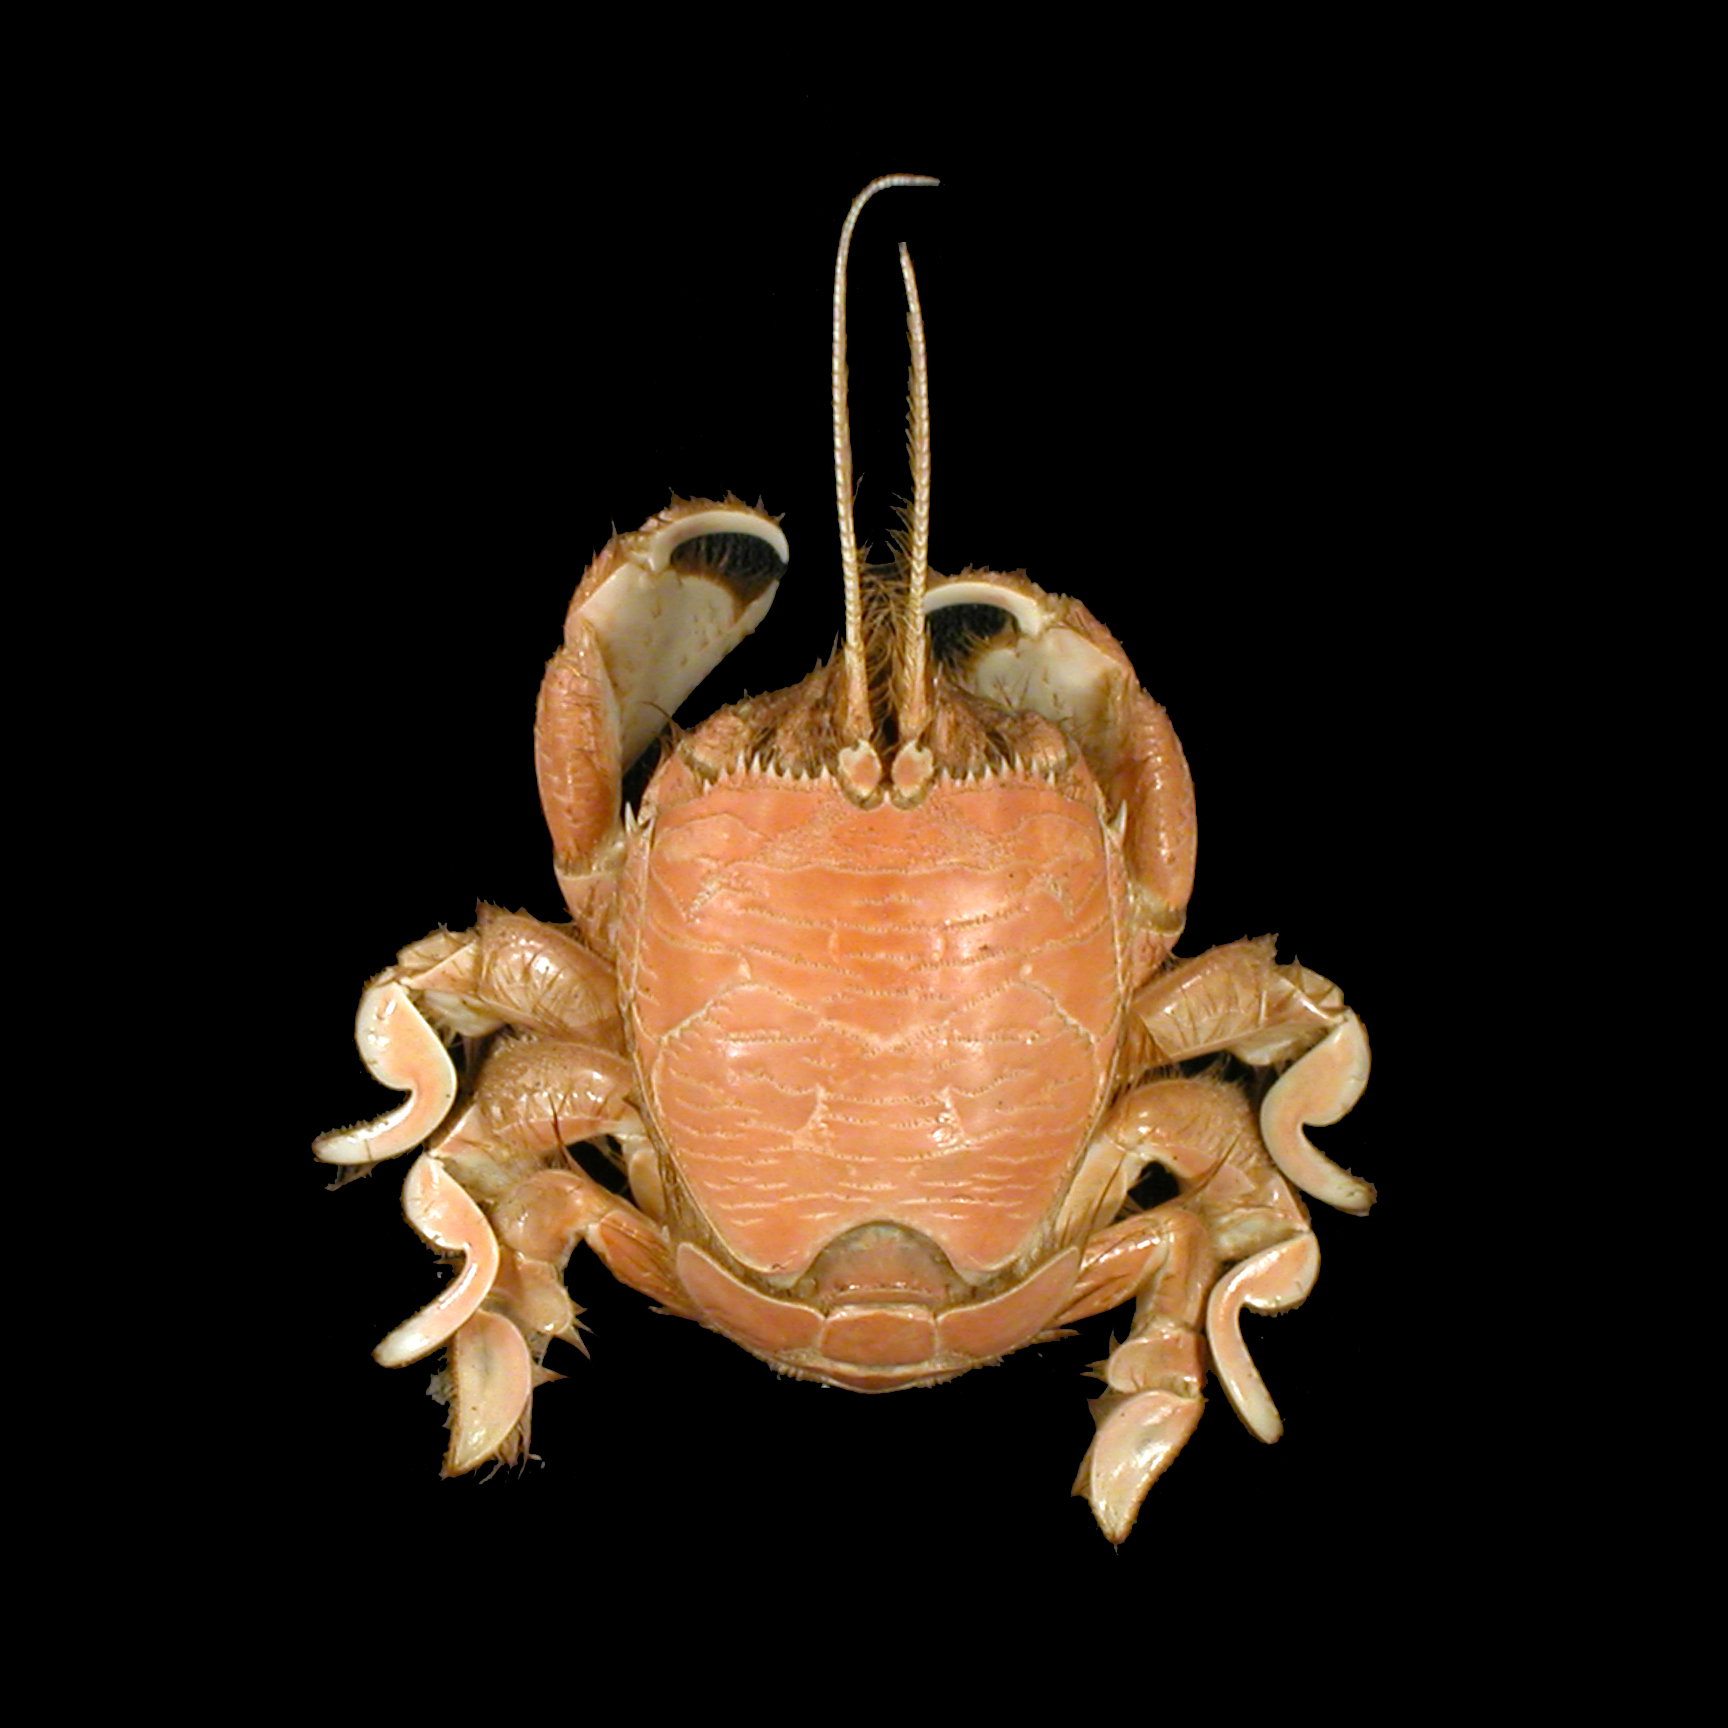 Albuneidae